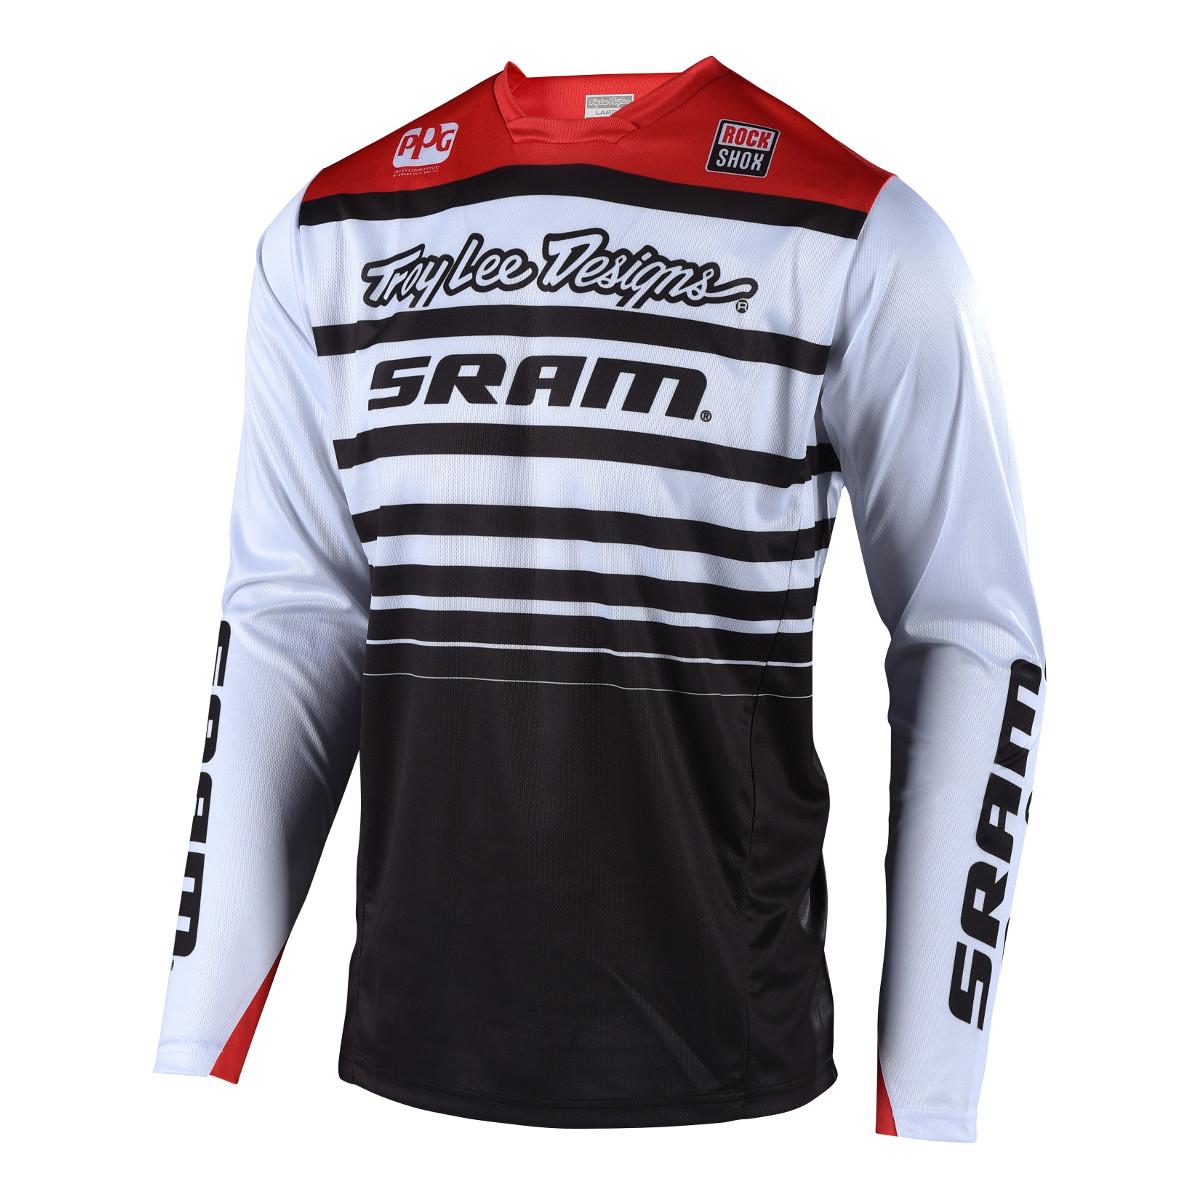 Troy Lee Designs Downhill-Jersey Sprint SRAM - Weiß/Schwarz 2018 ...